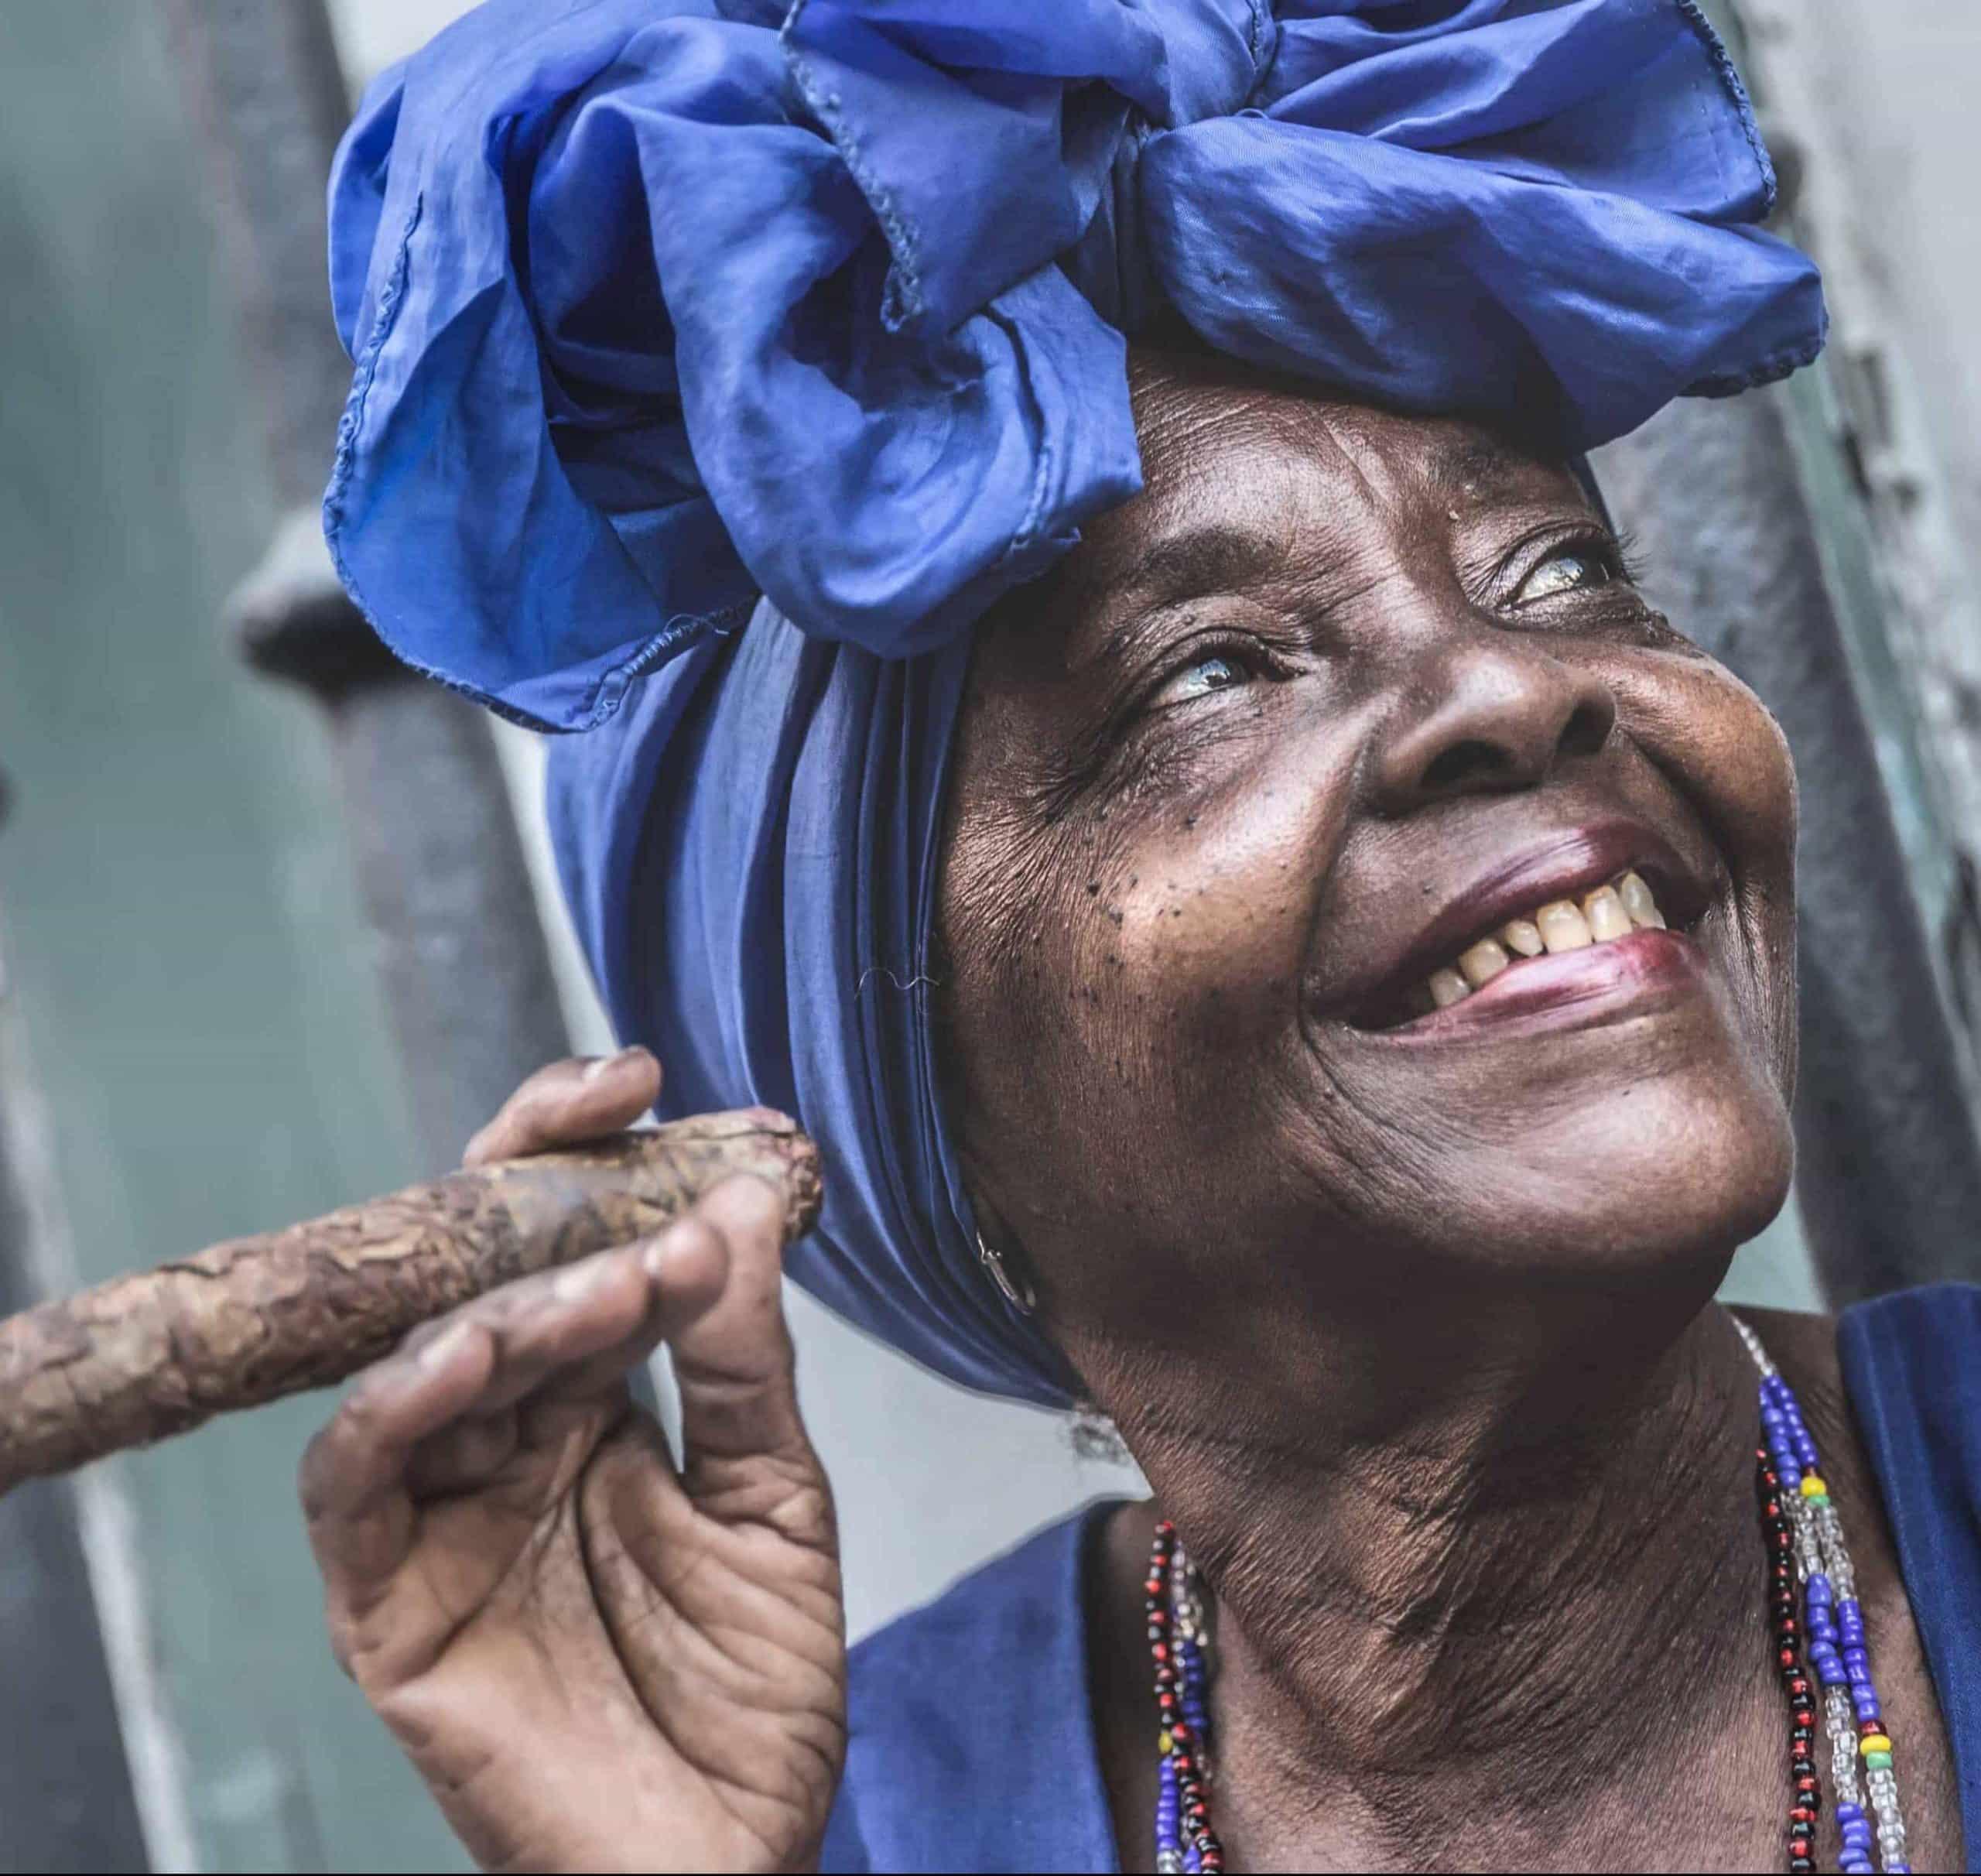 Portræt af afrikansk kvinde fra Cuba - Risskov Rejser